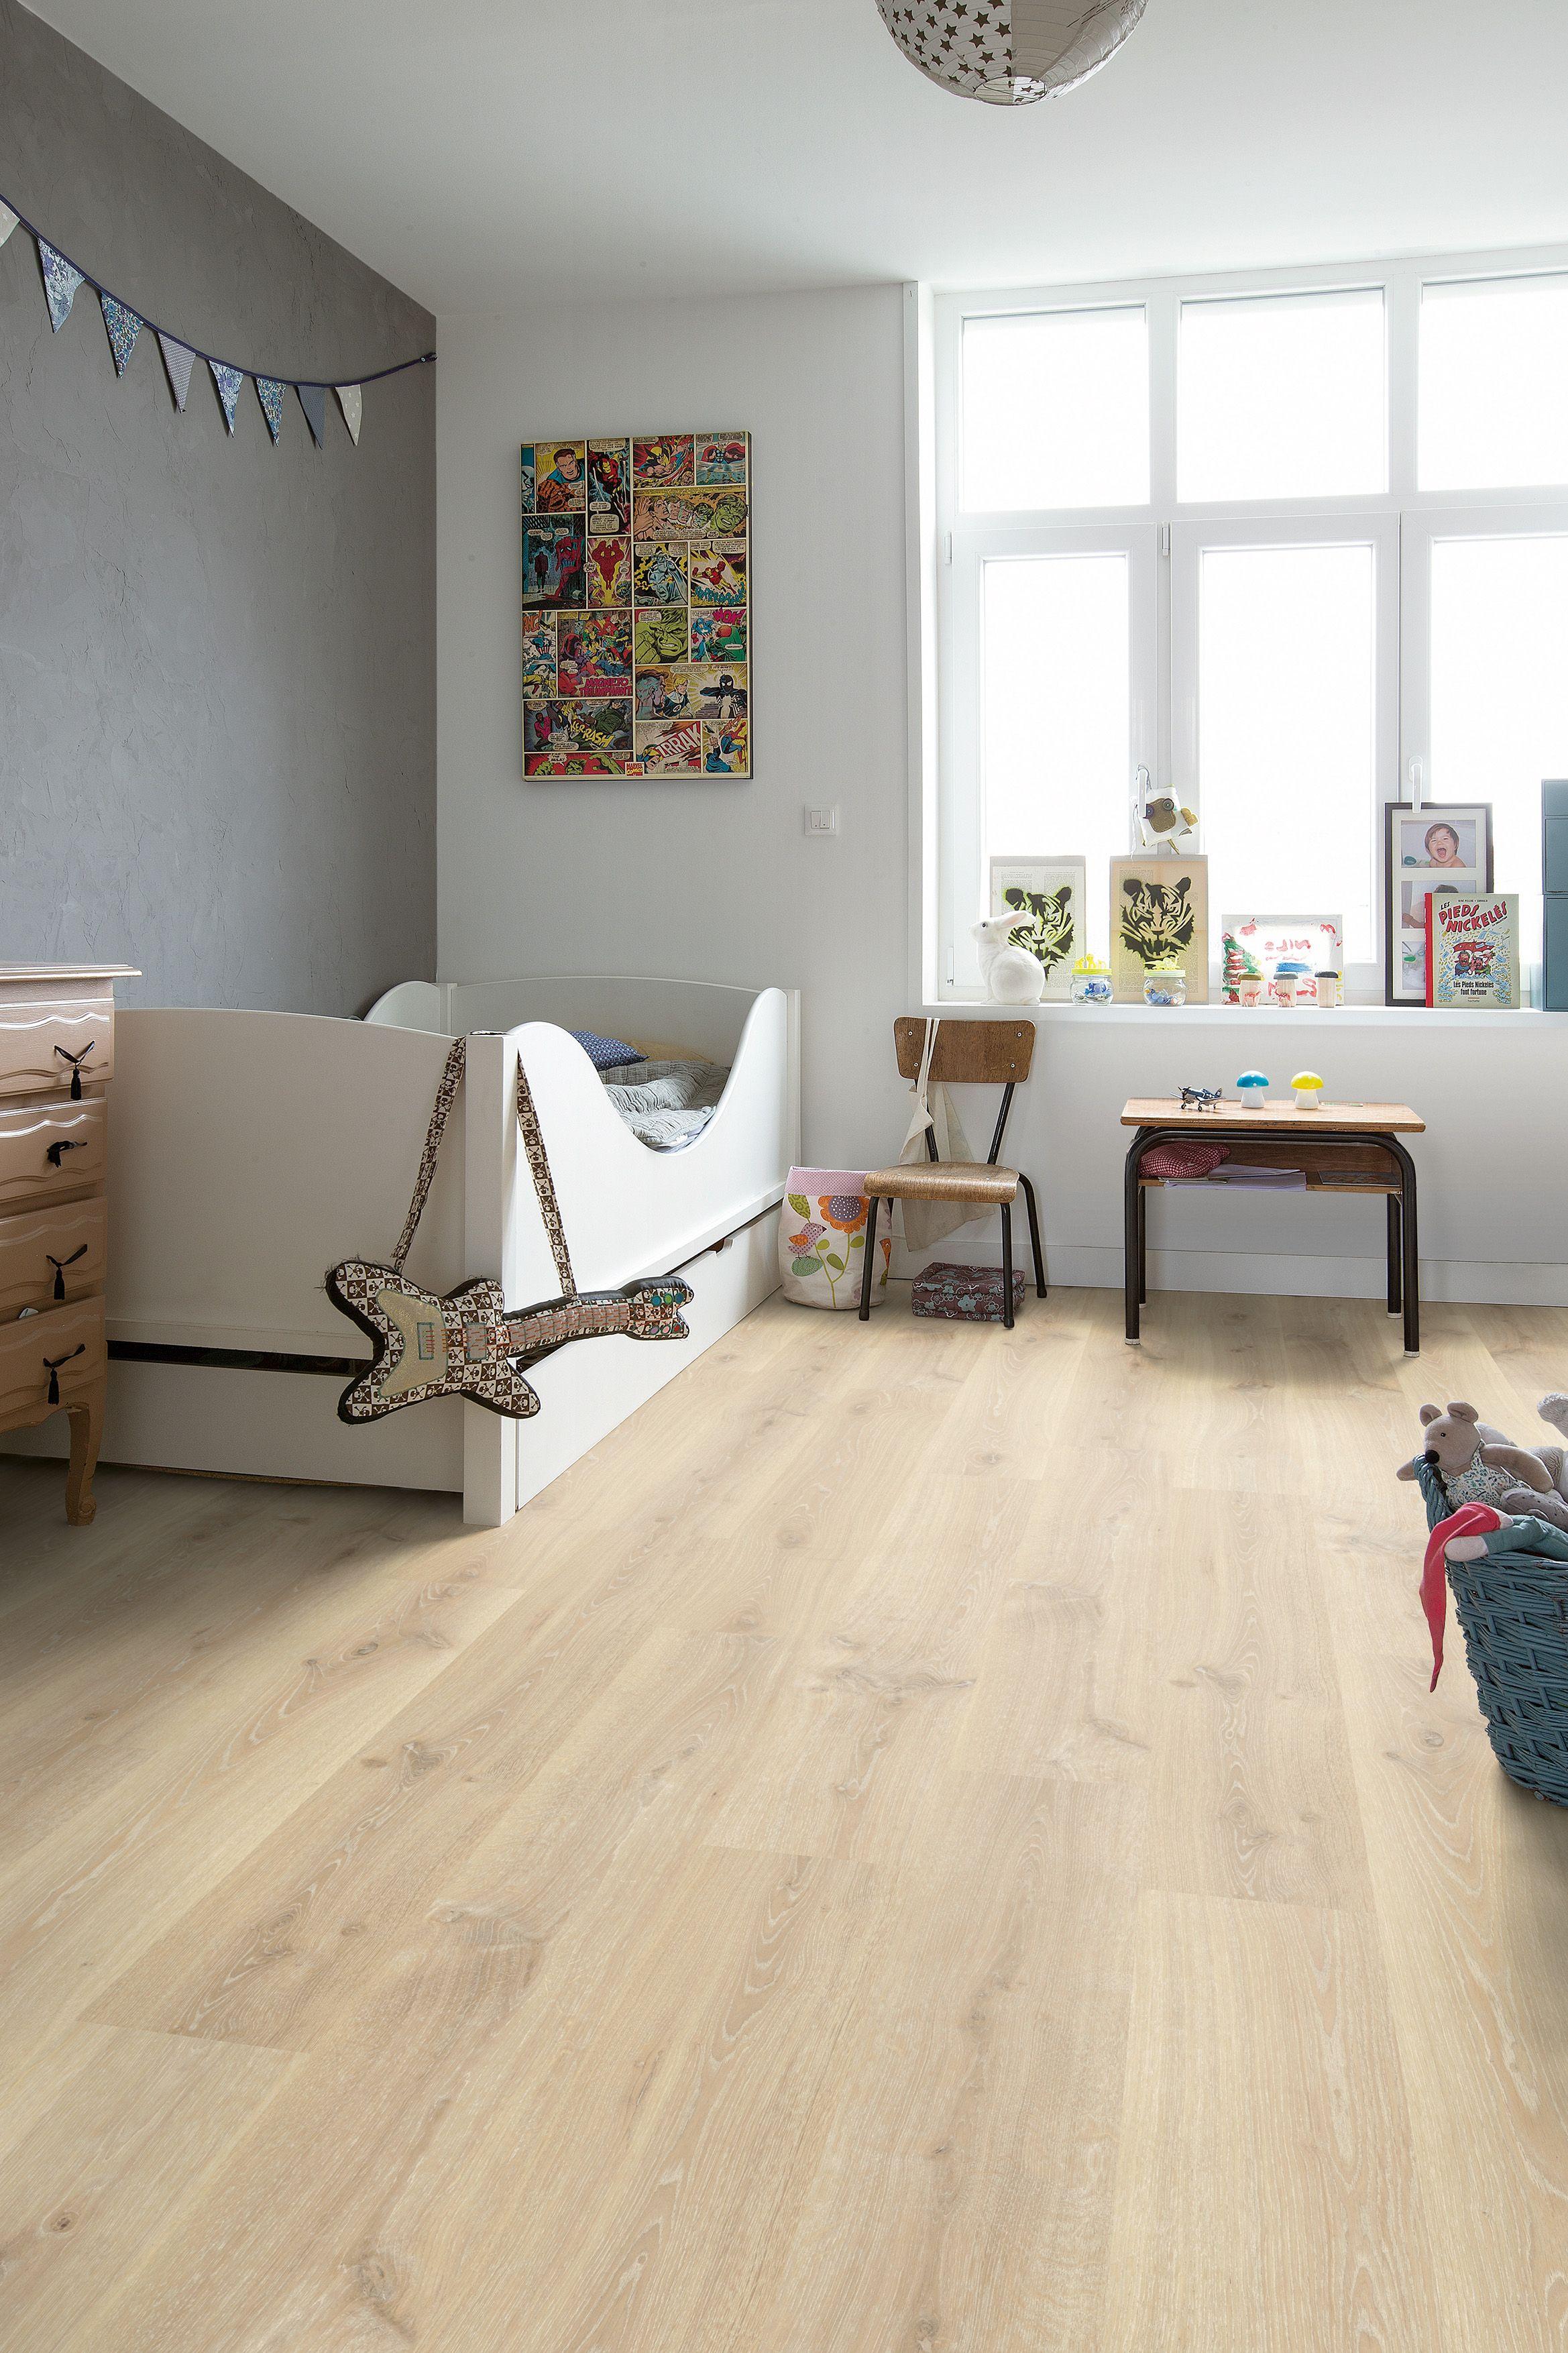 Hermosa habitaci n infantil decorada con elementos en for Colores que combinan con gris claro